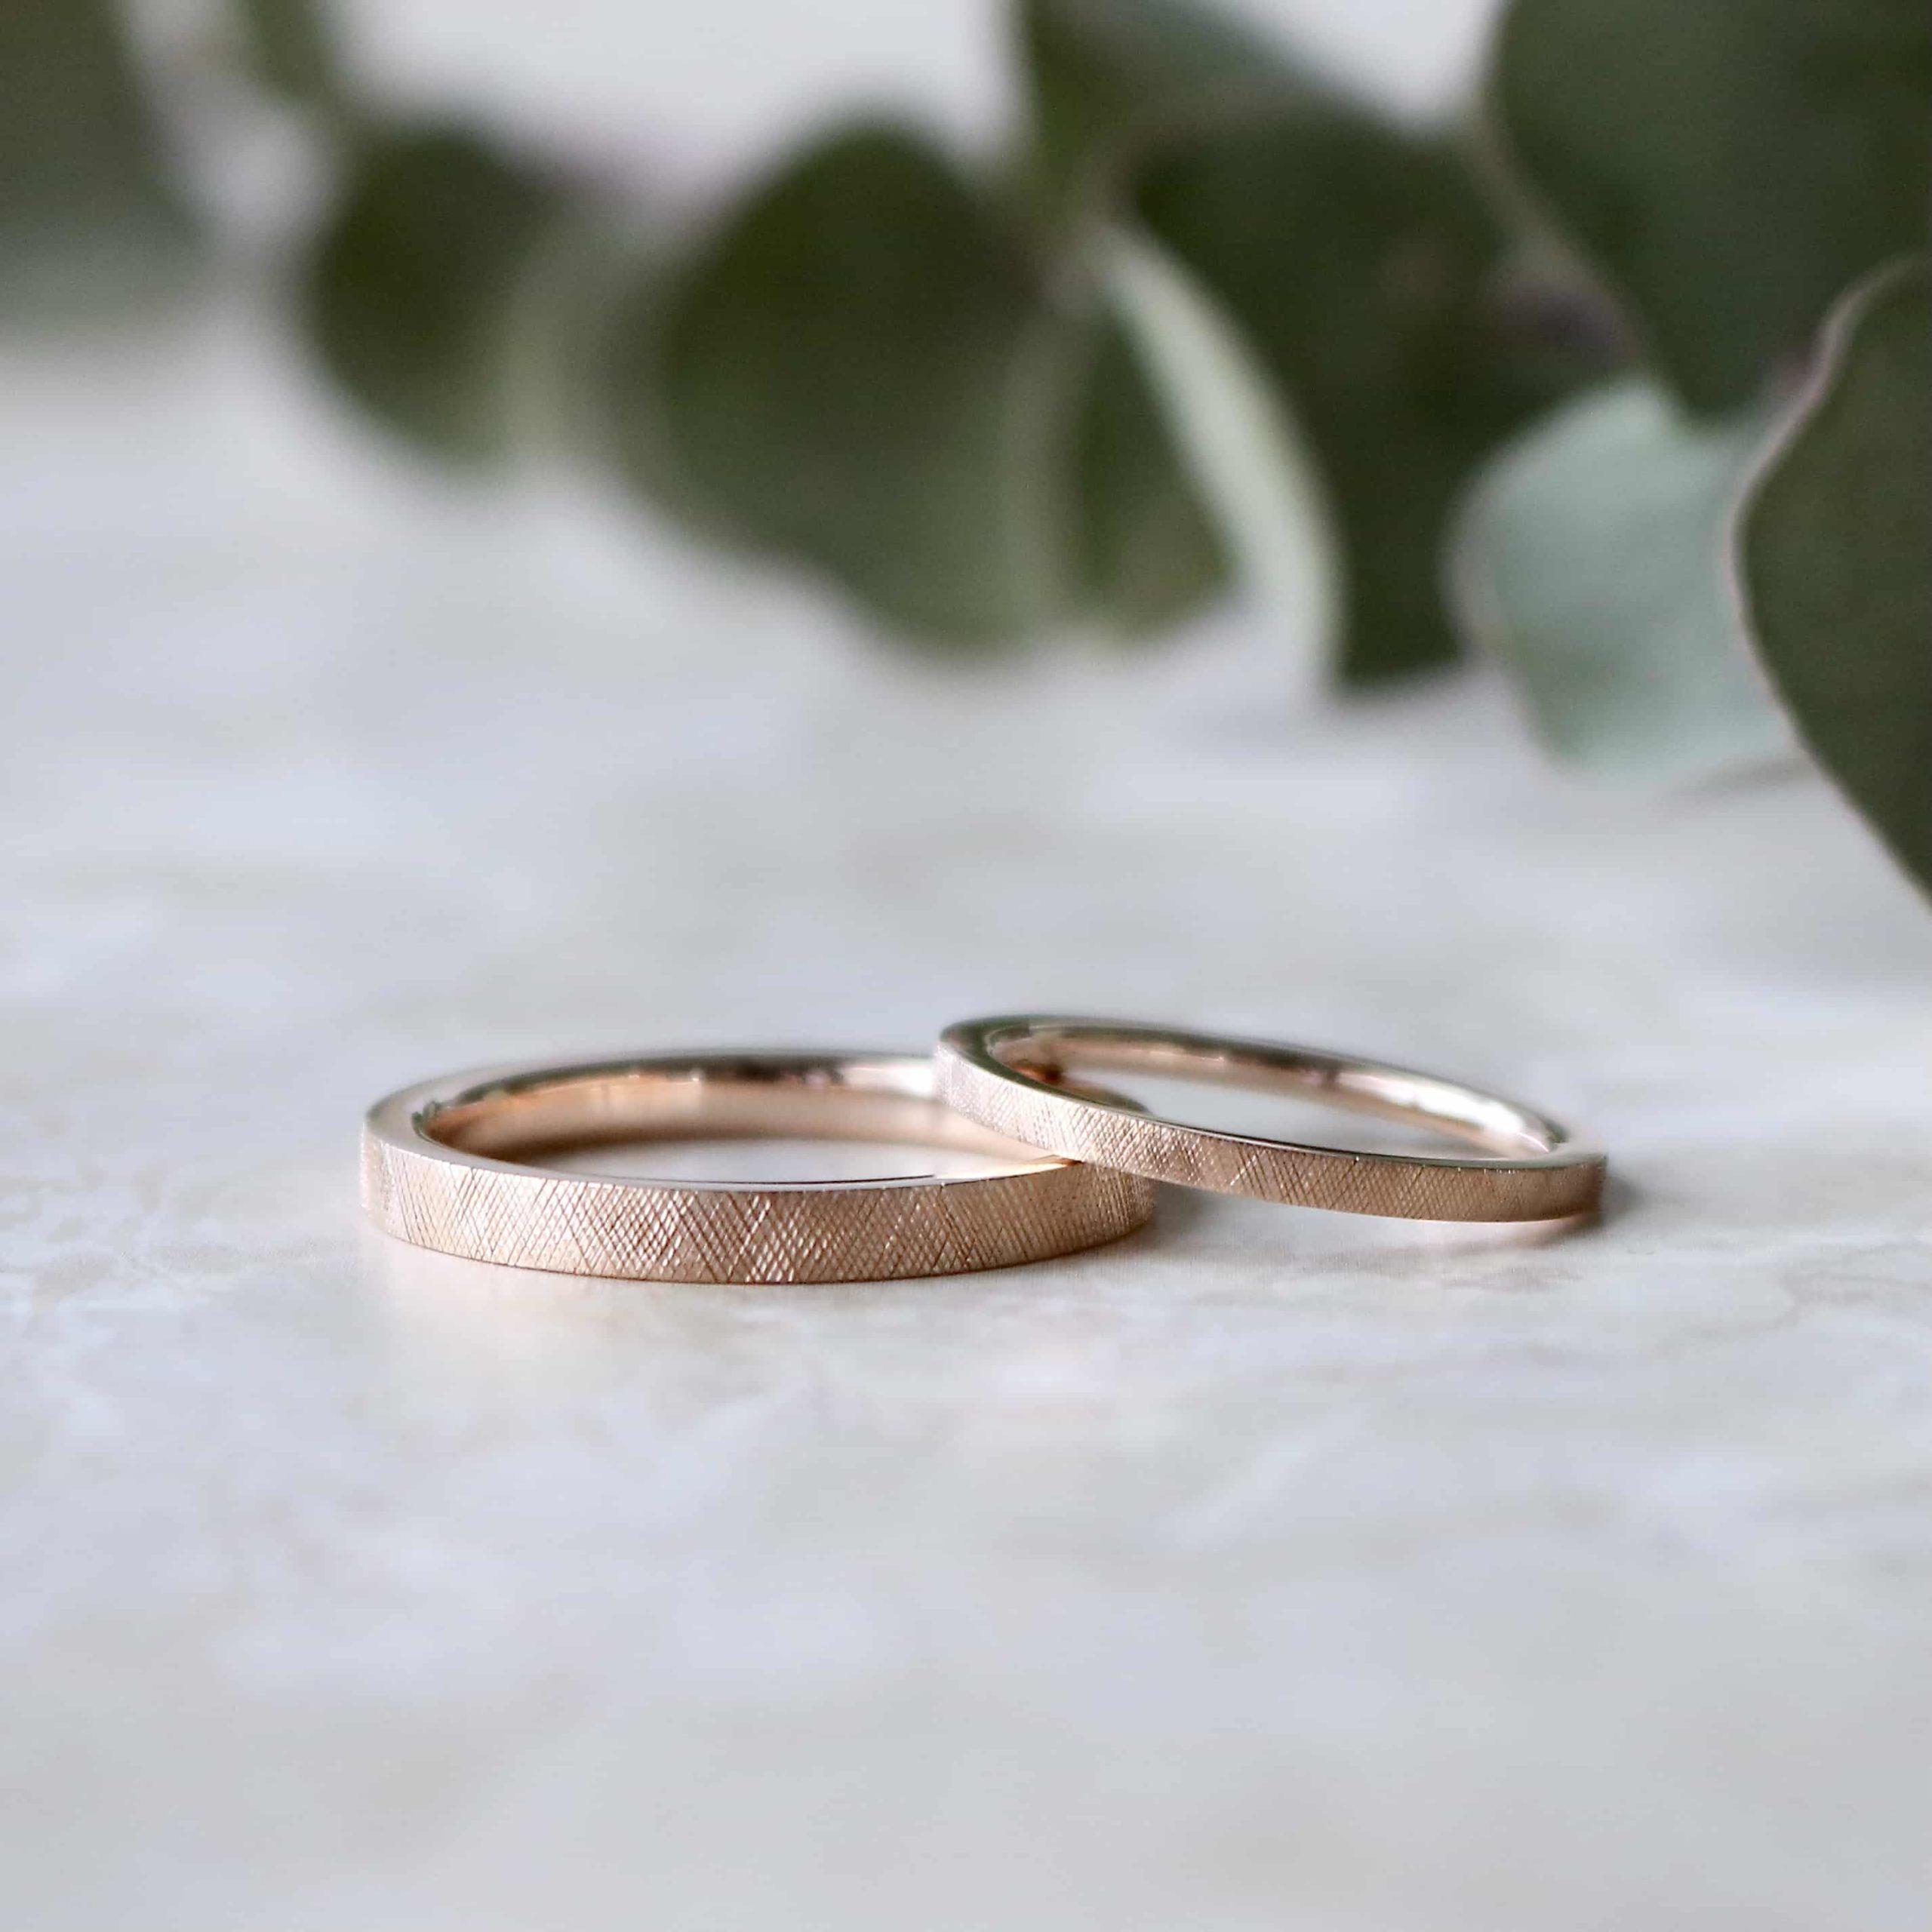 ライン彫りを施したピンクゴールドの結婚指輪